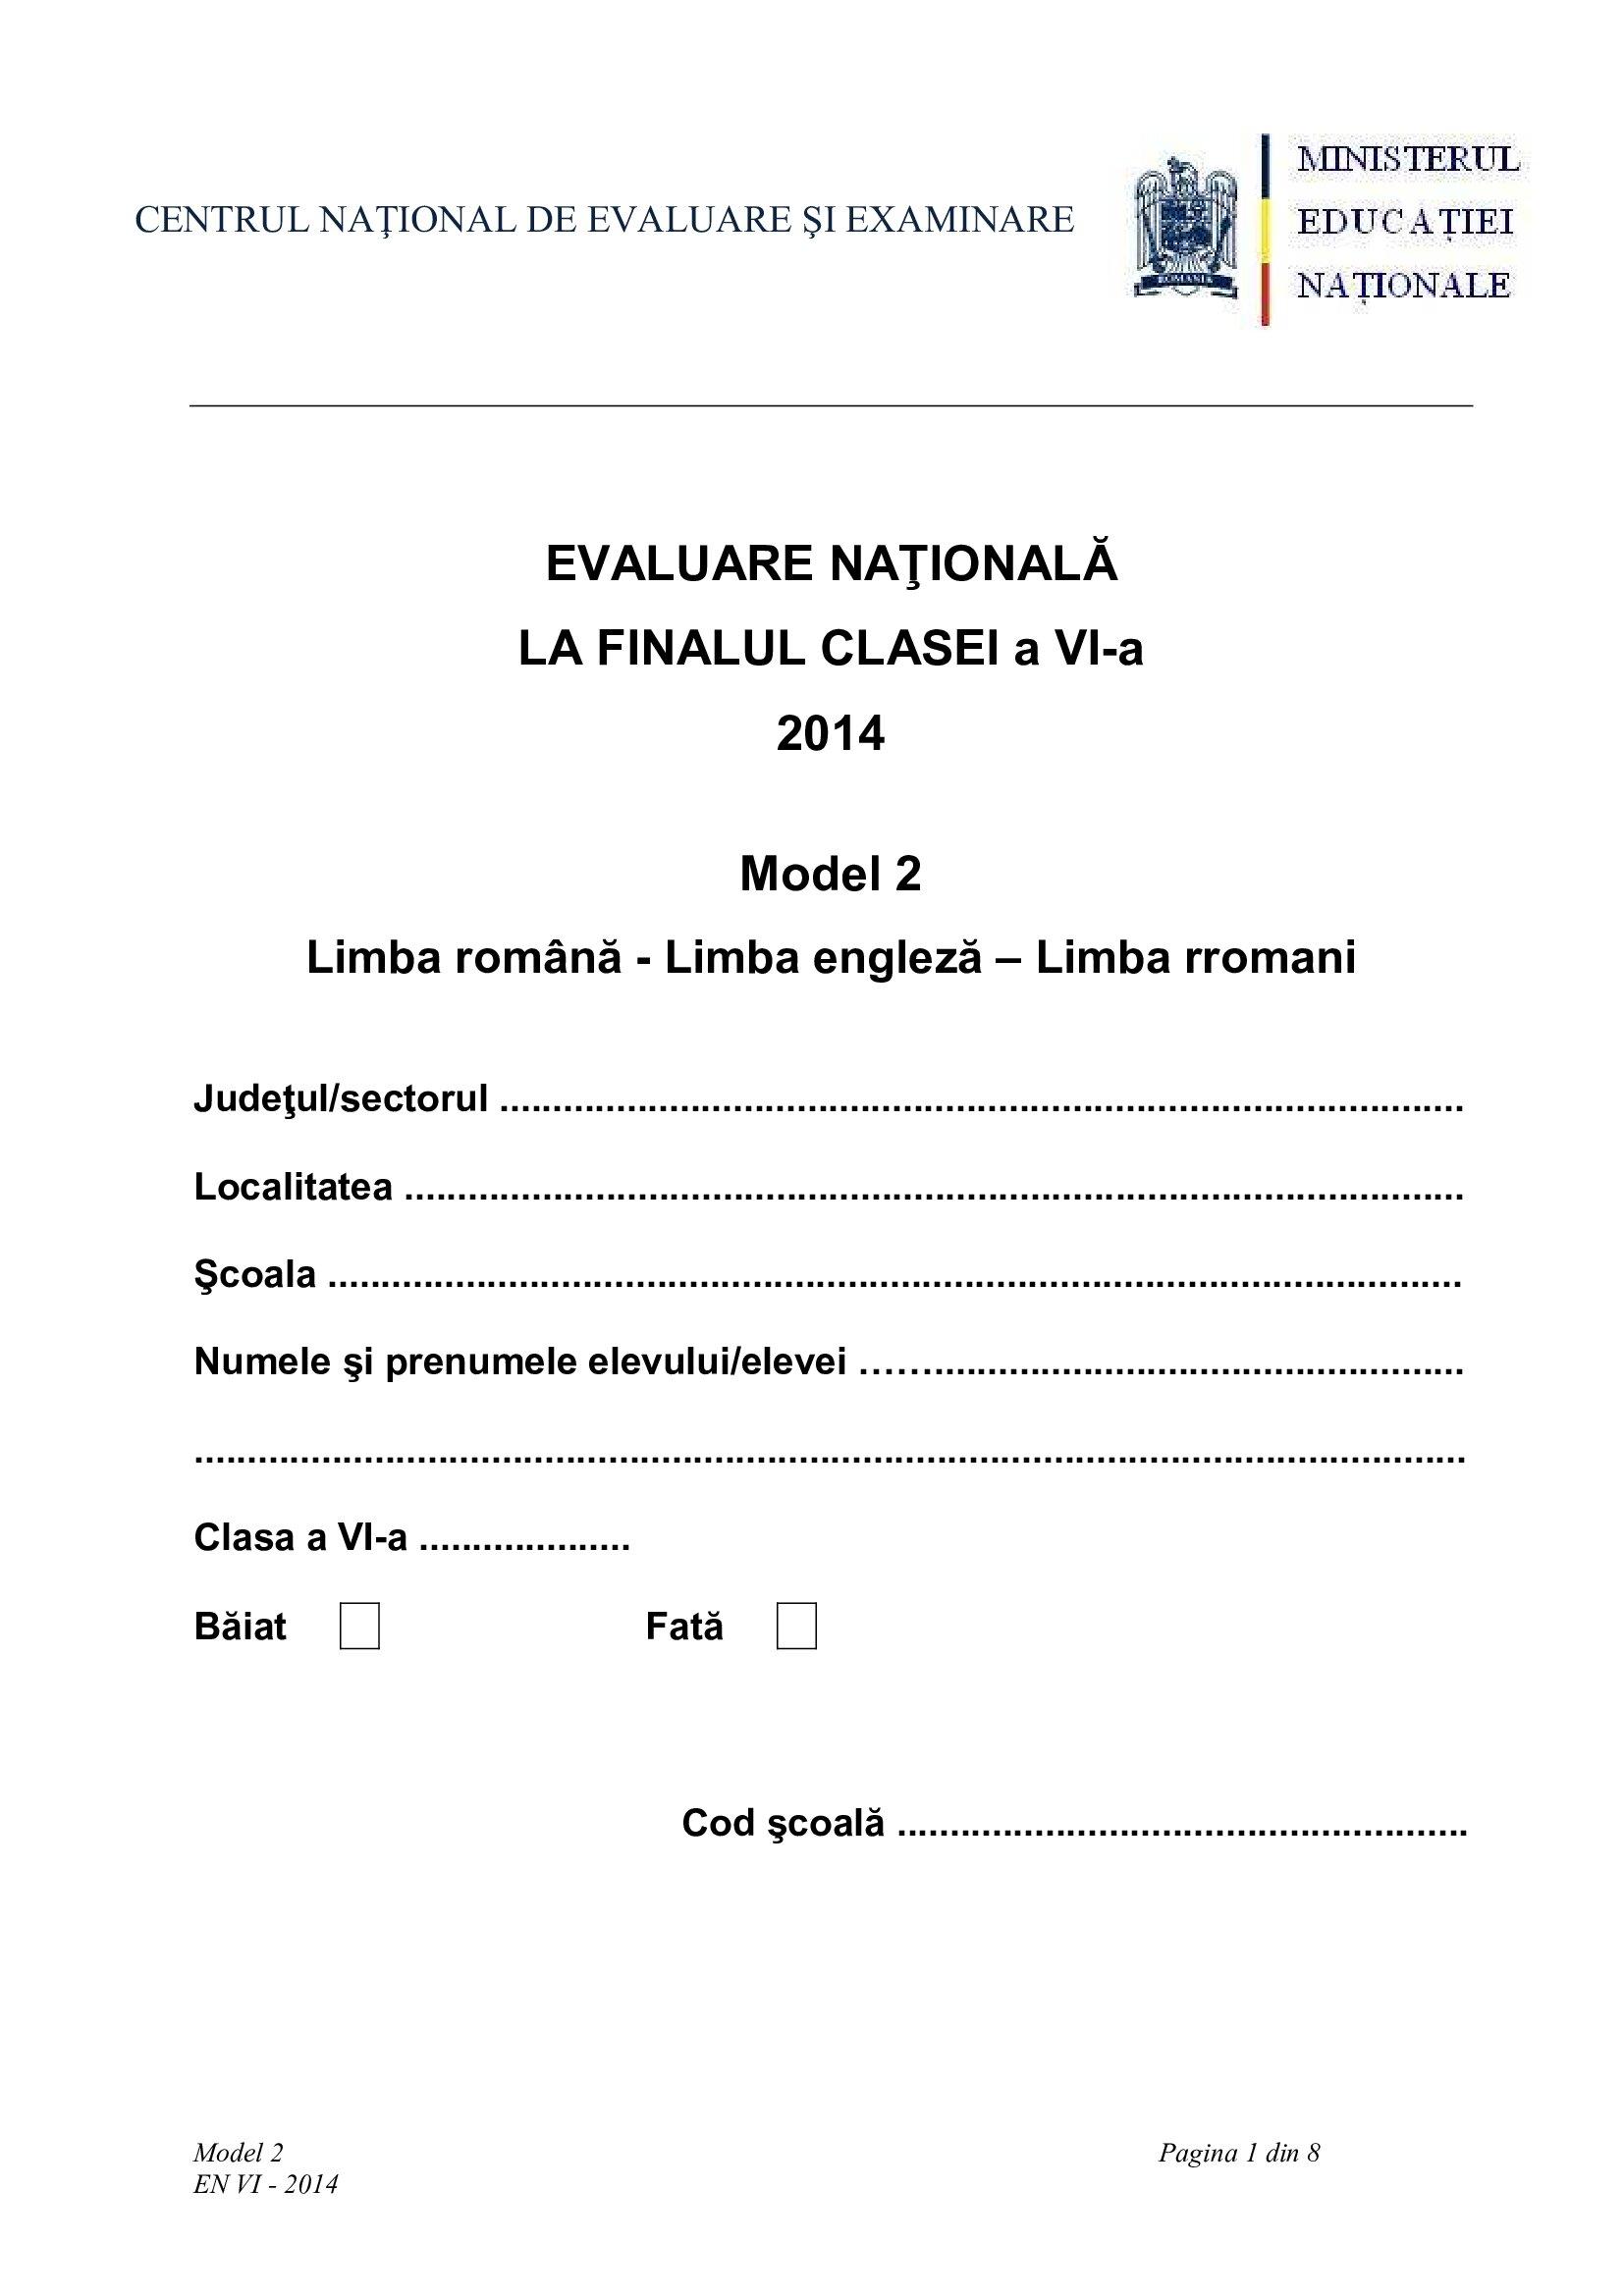 Evaluare Națională clasa a VI-a